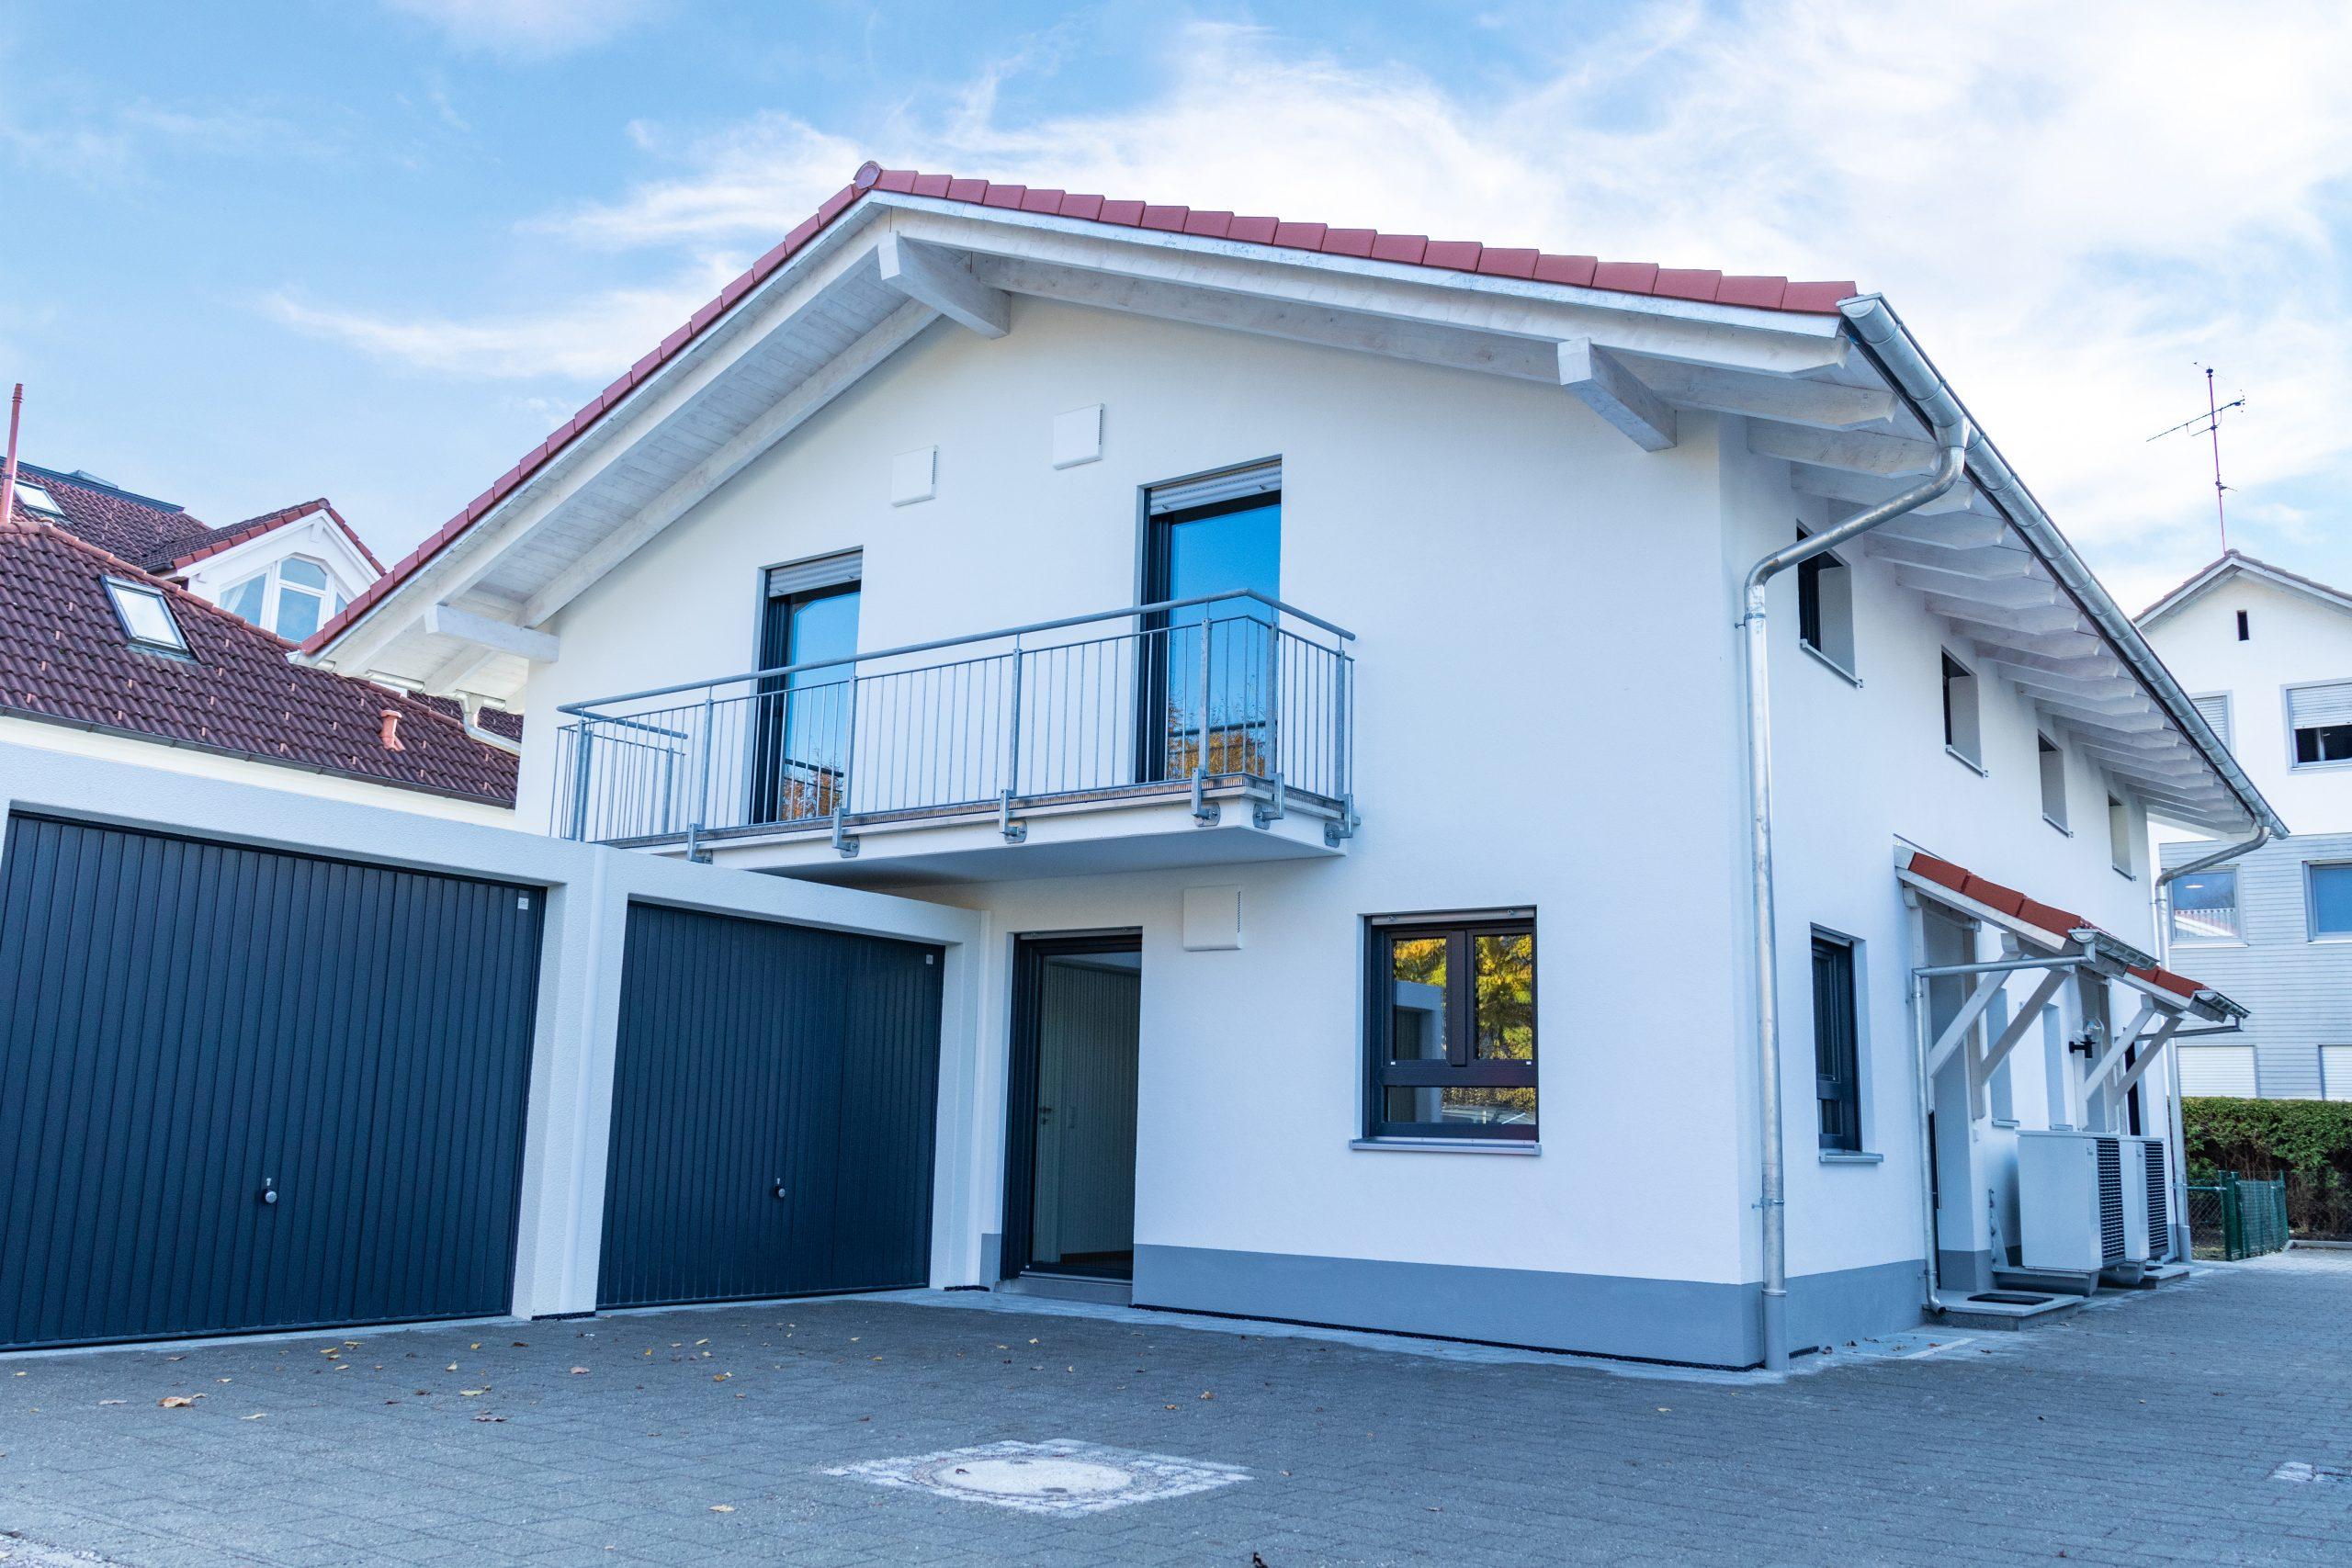 Doppelhaus in Peißenberg